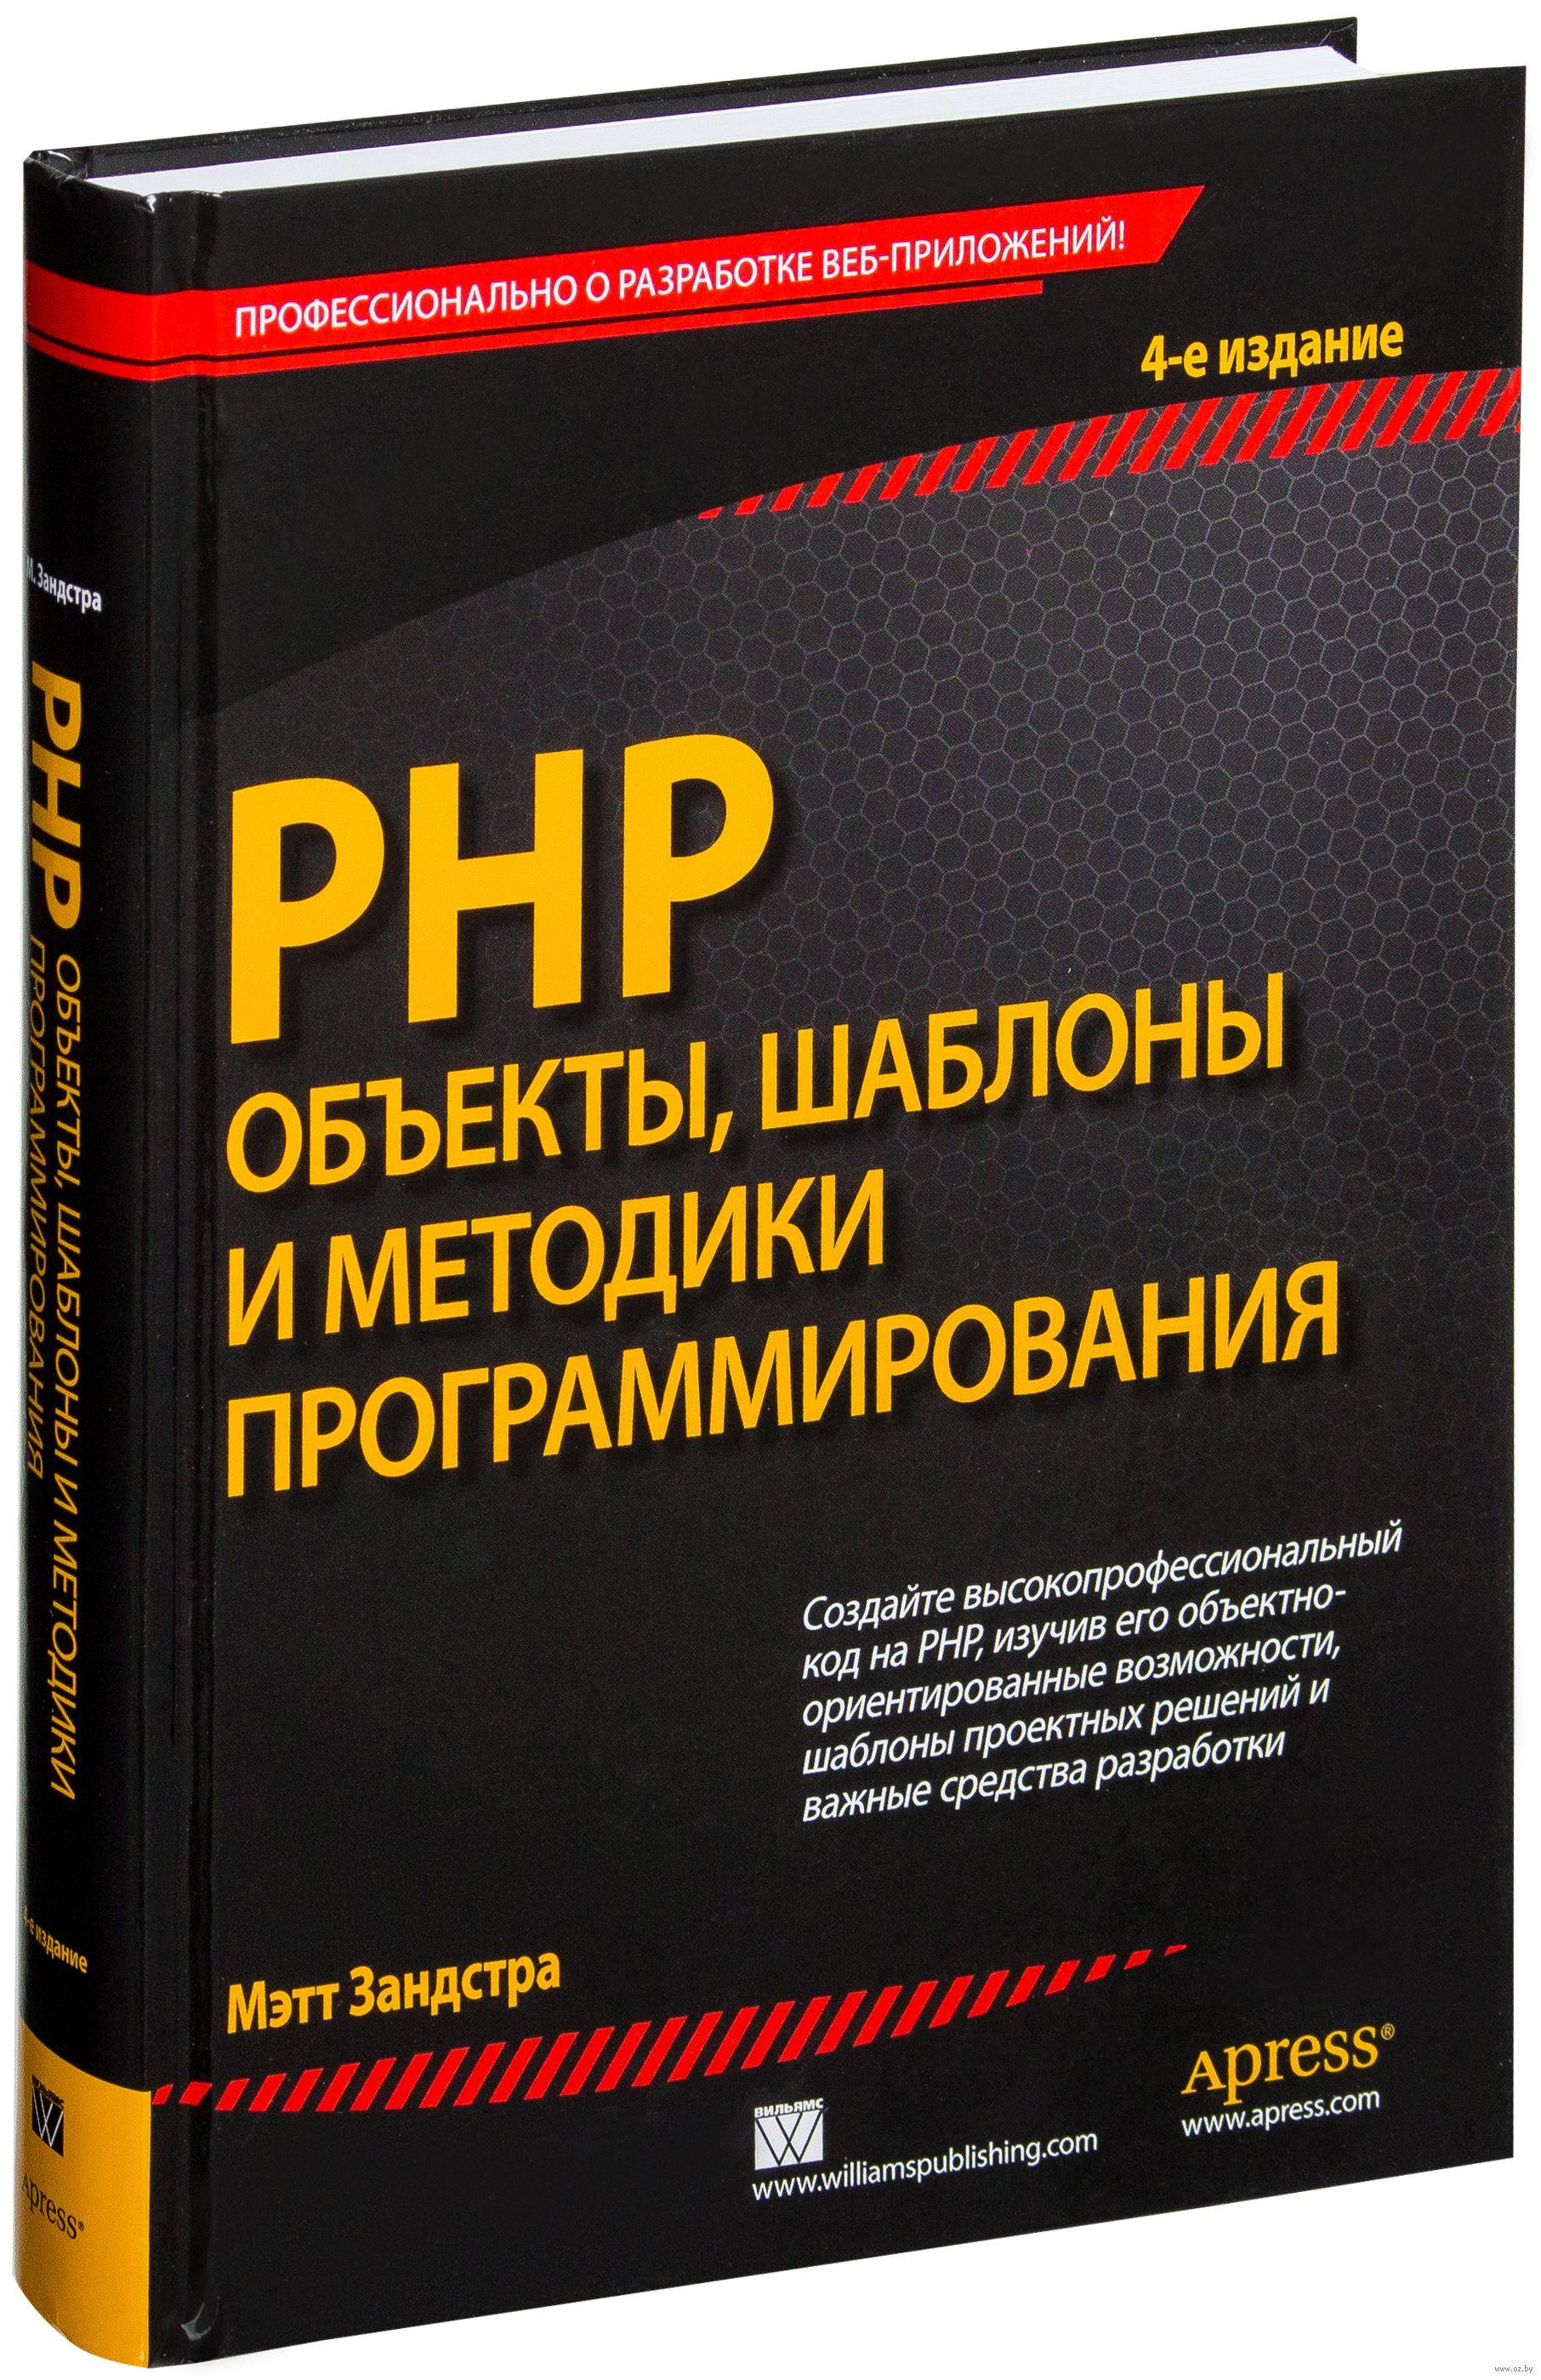 Объекты, шаблоны и методики программирования